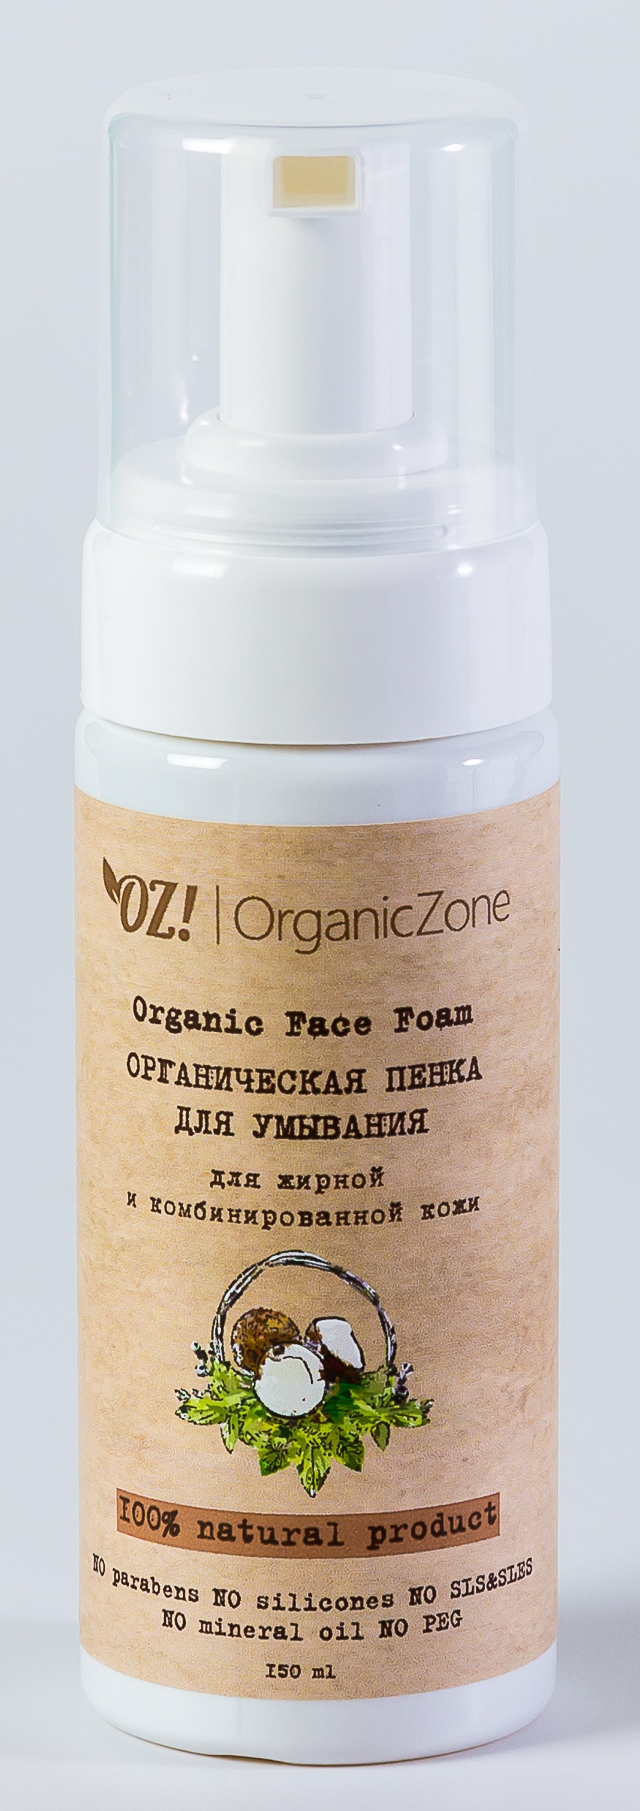 Органическое пенка для умывания для жирной и комбинированной кожи, OrganicZone